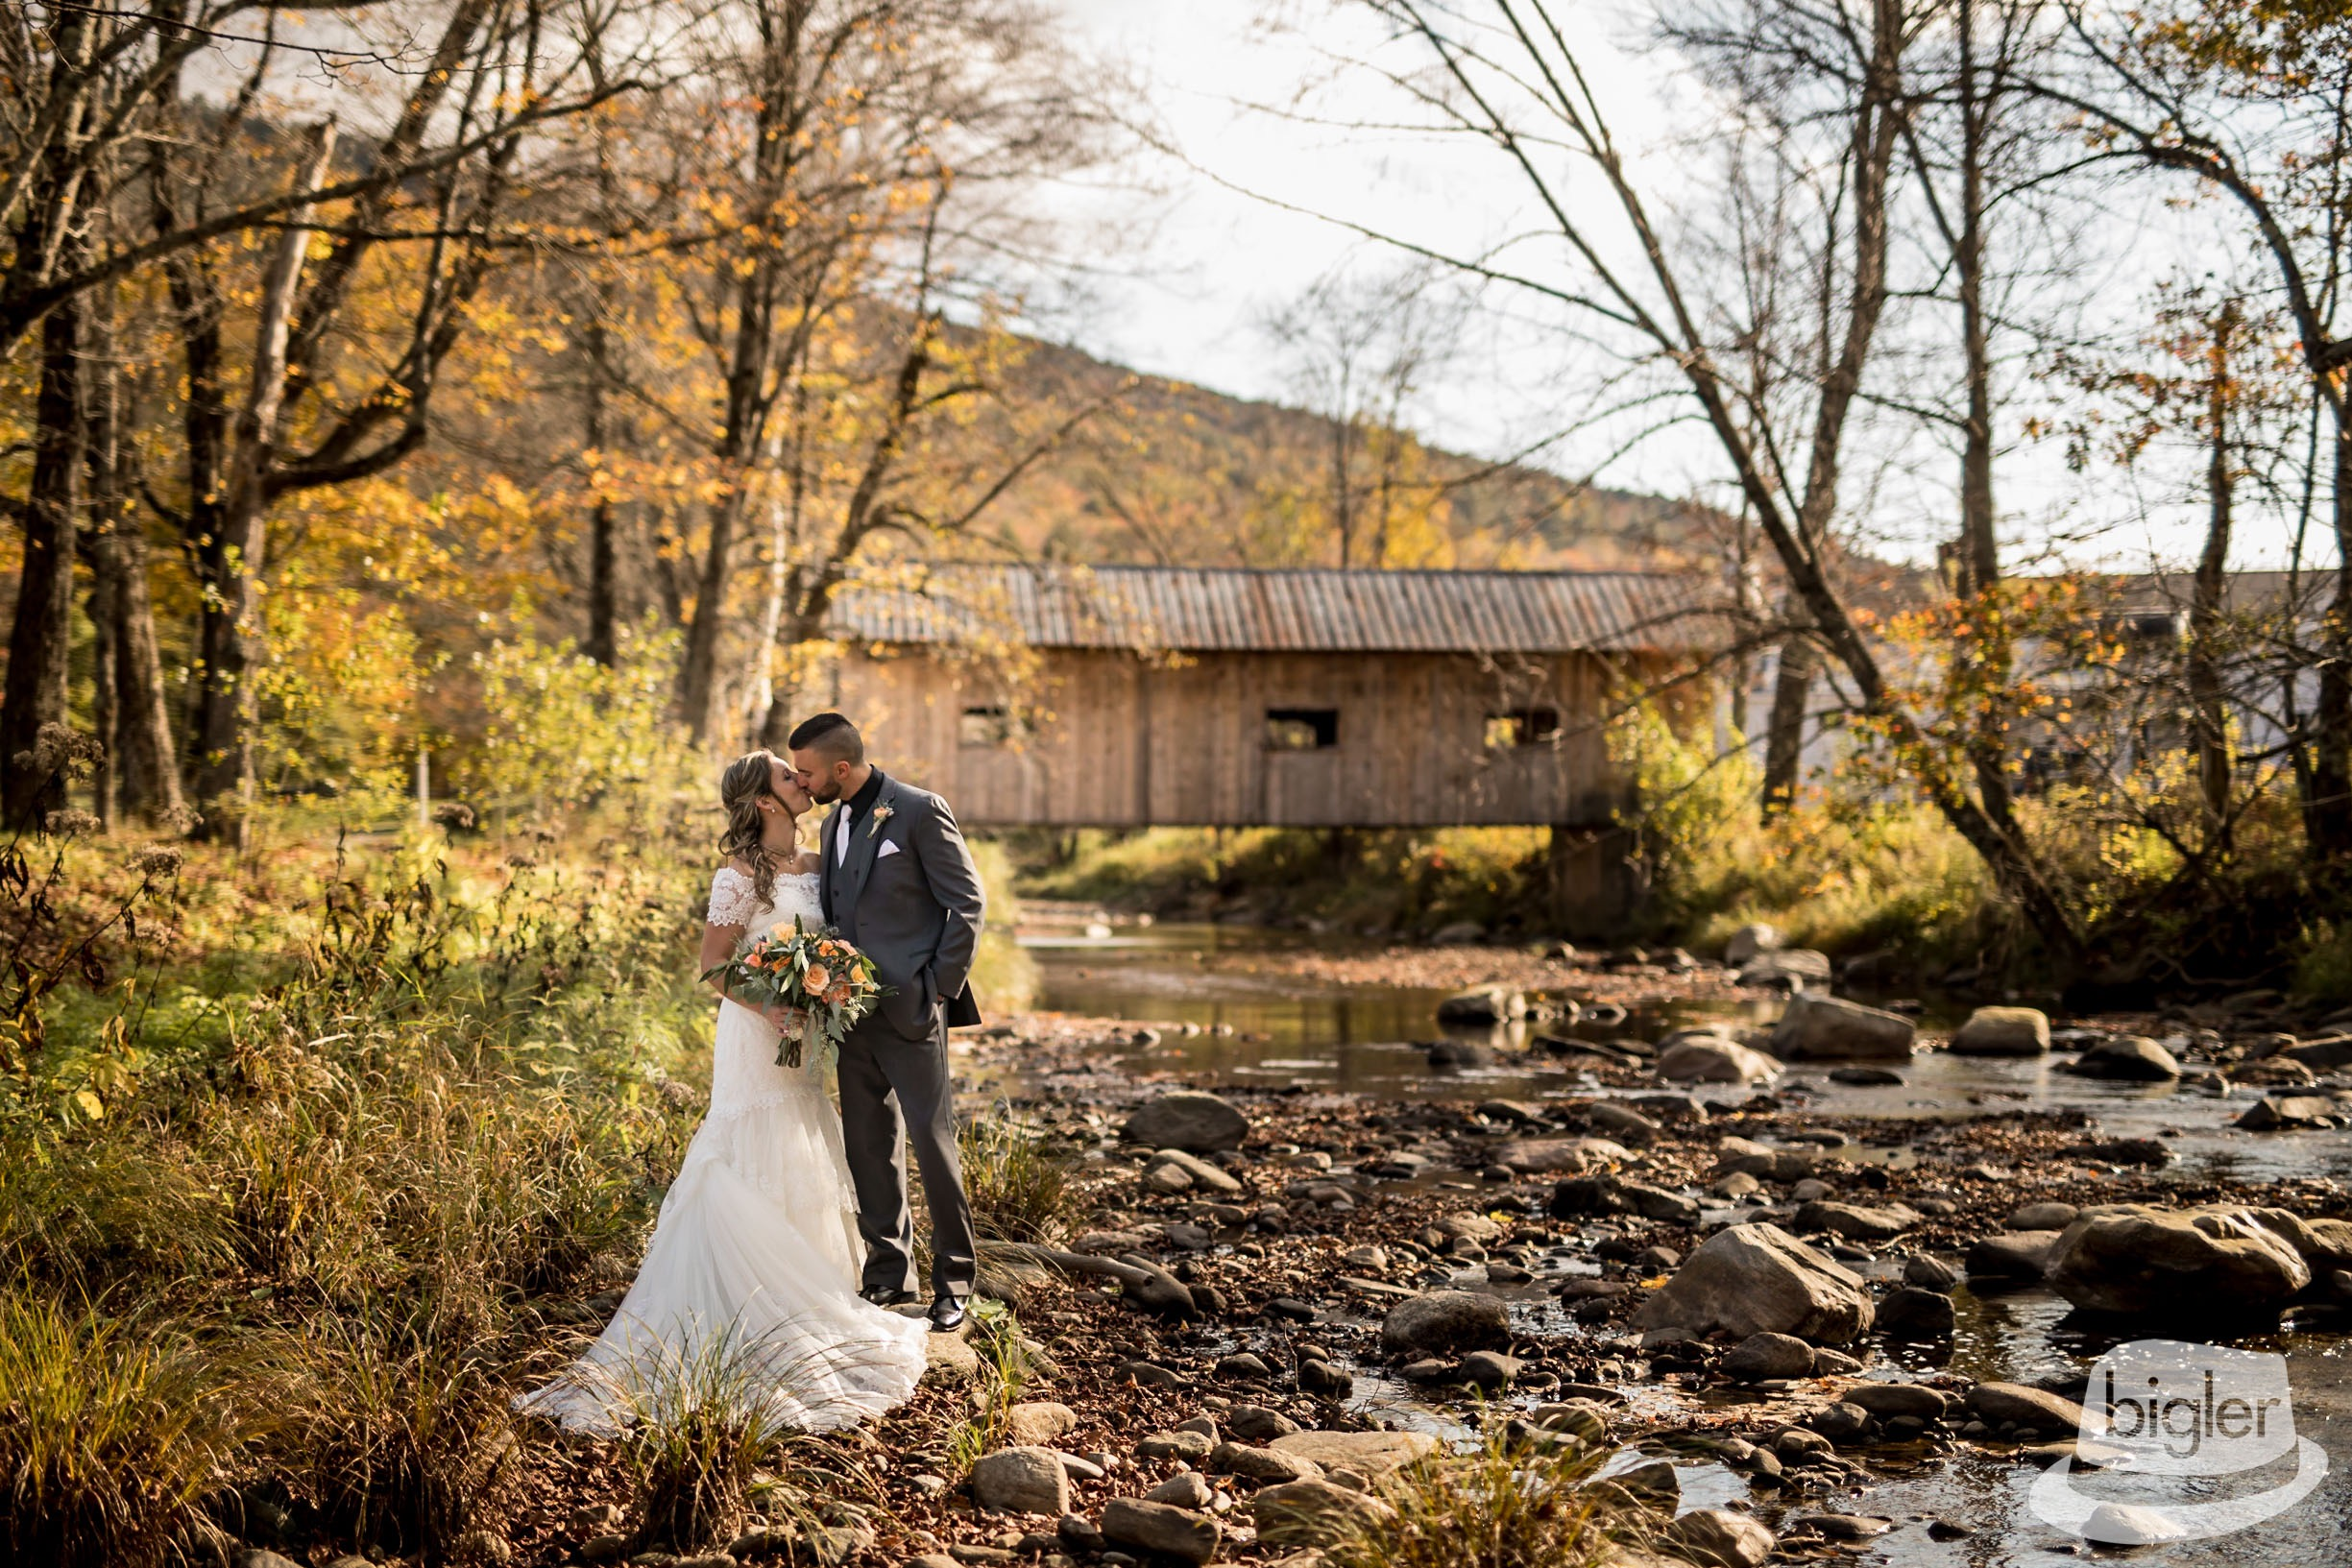 Dave Bigler Weddings | Grafton Inn, VT